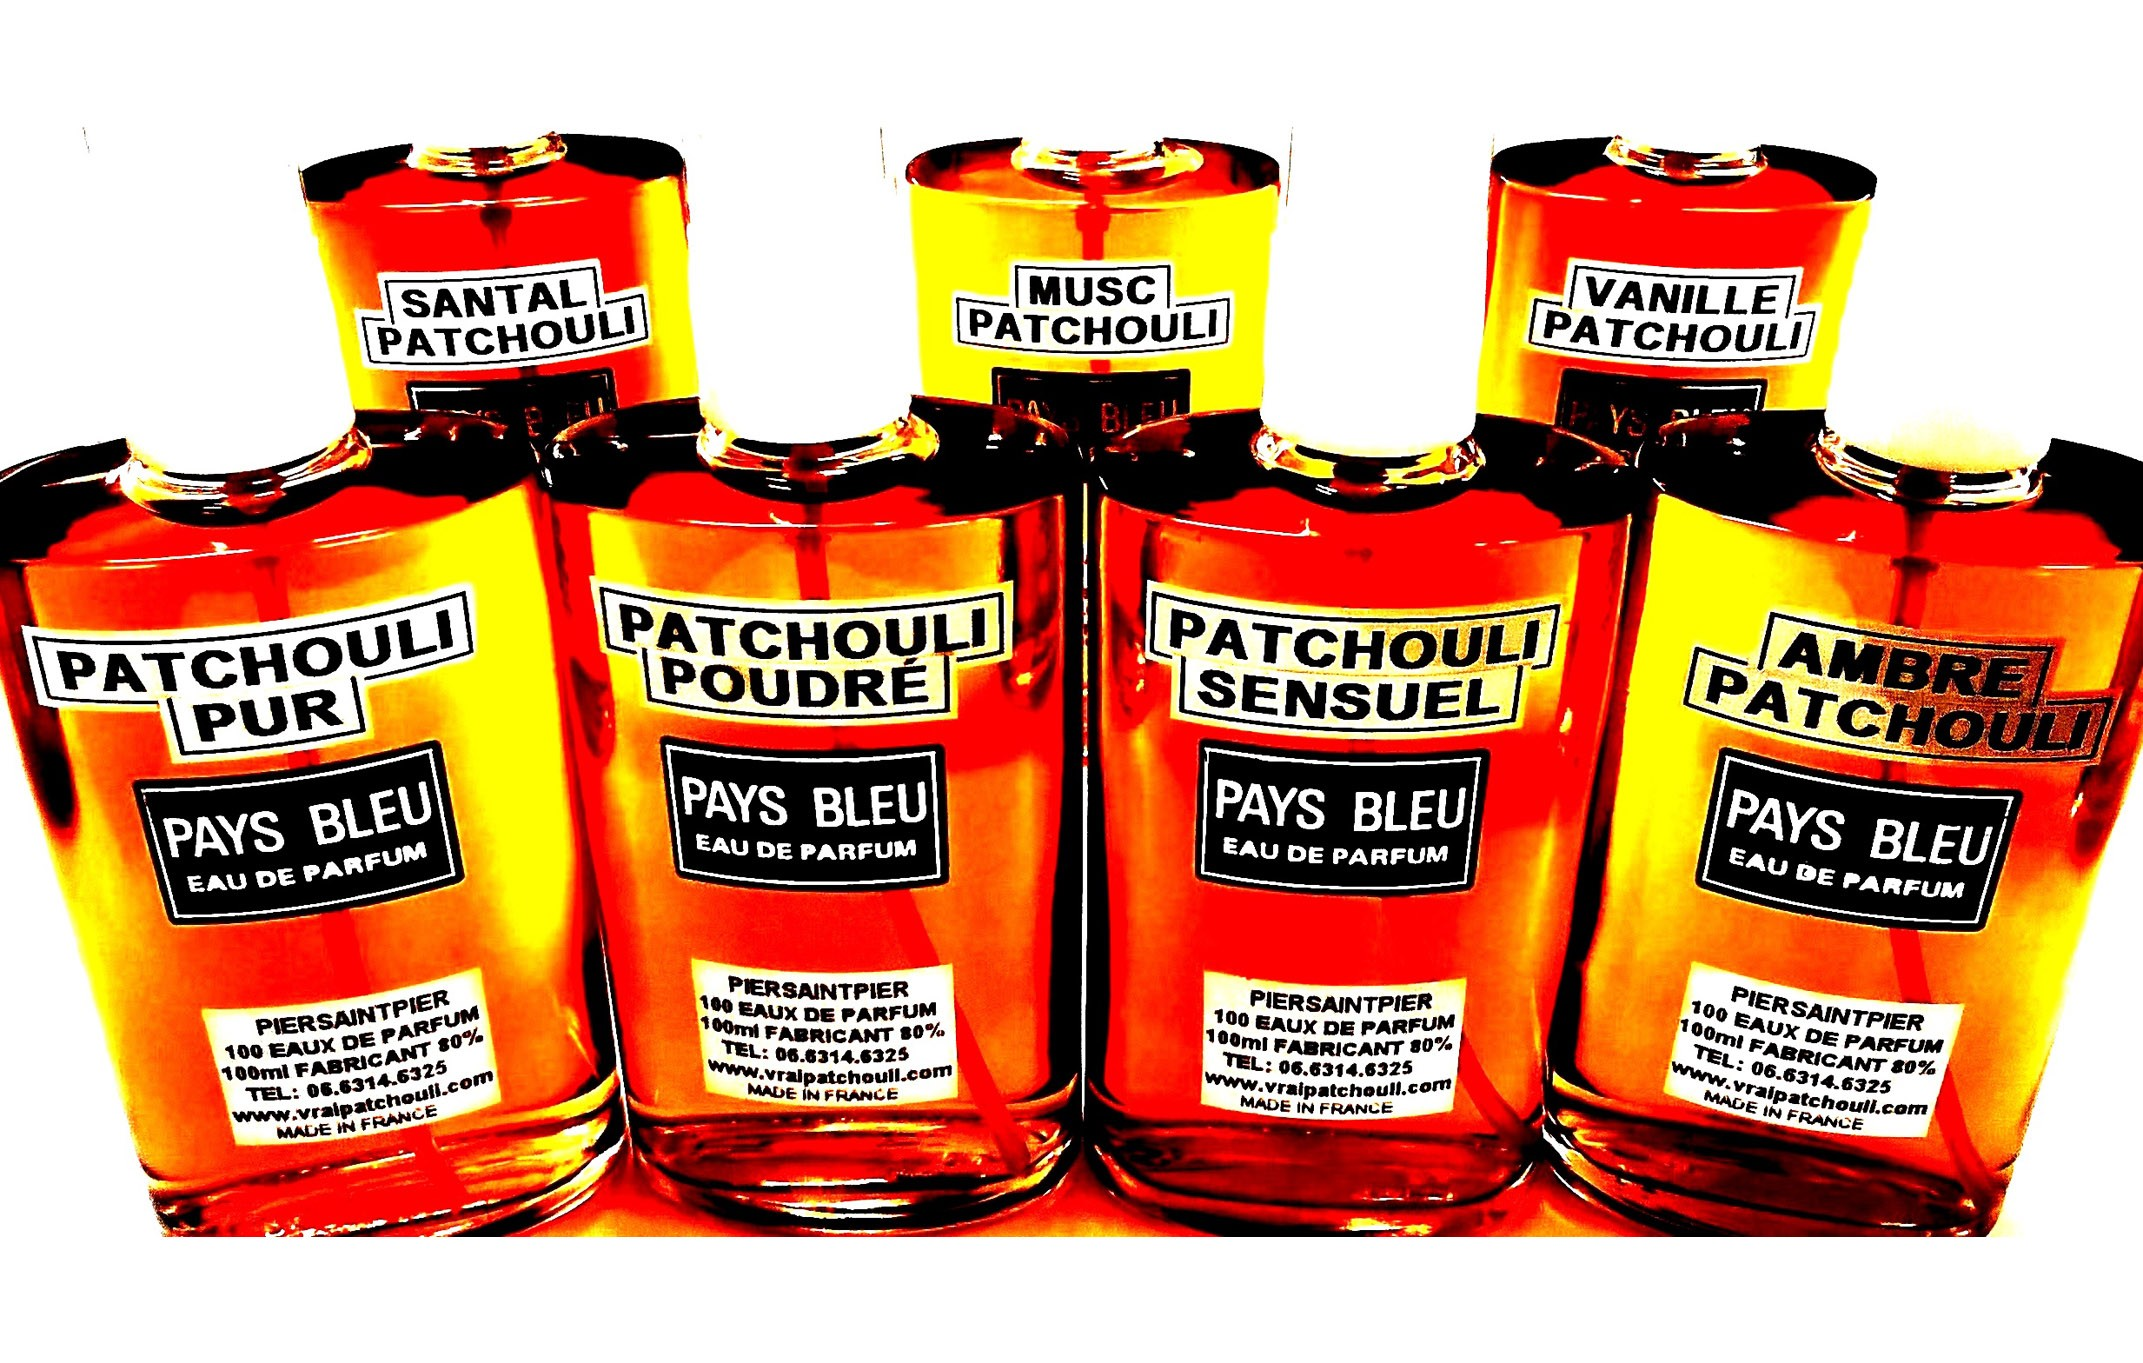 PALETTE DES 7 PATCHOULIS